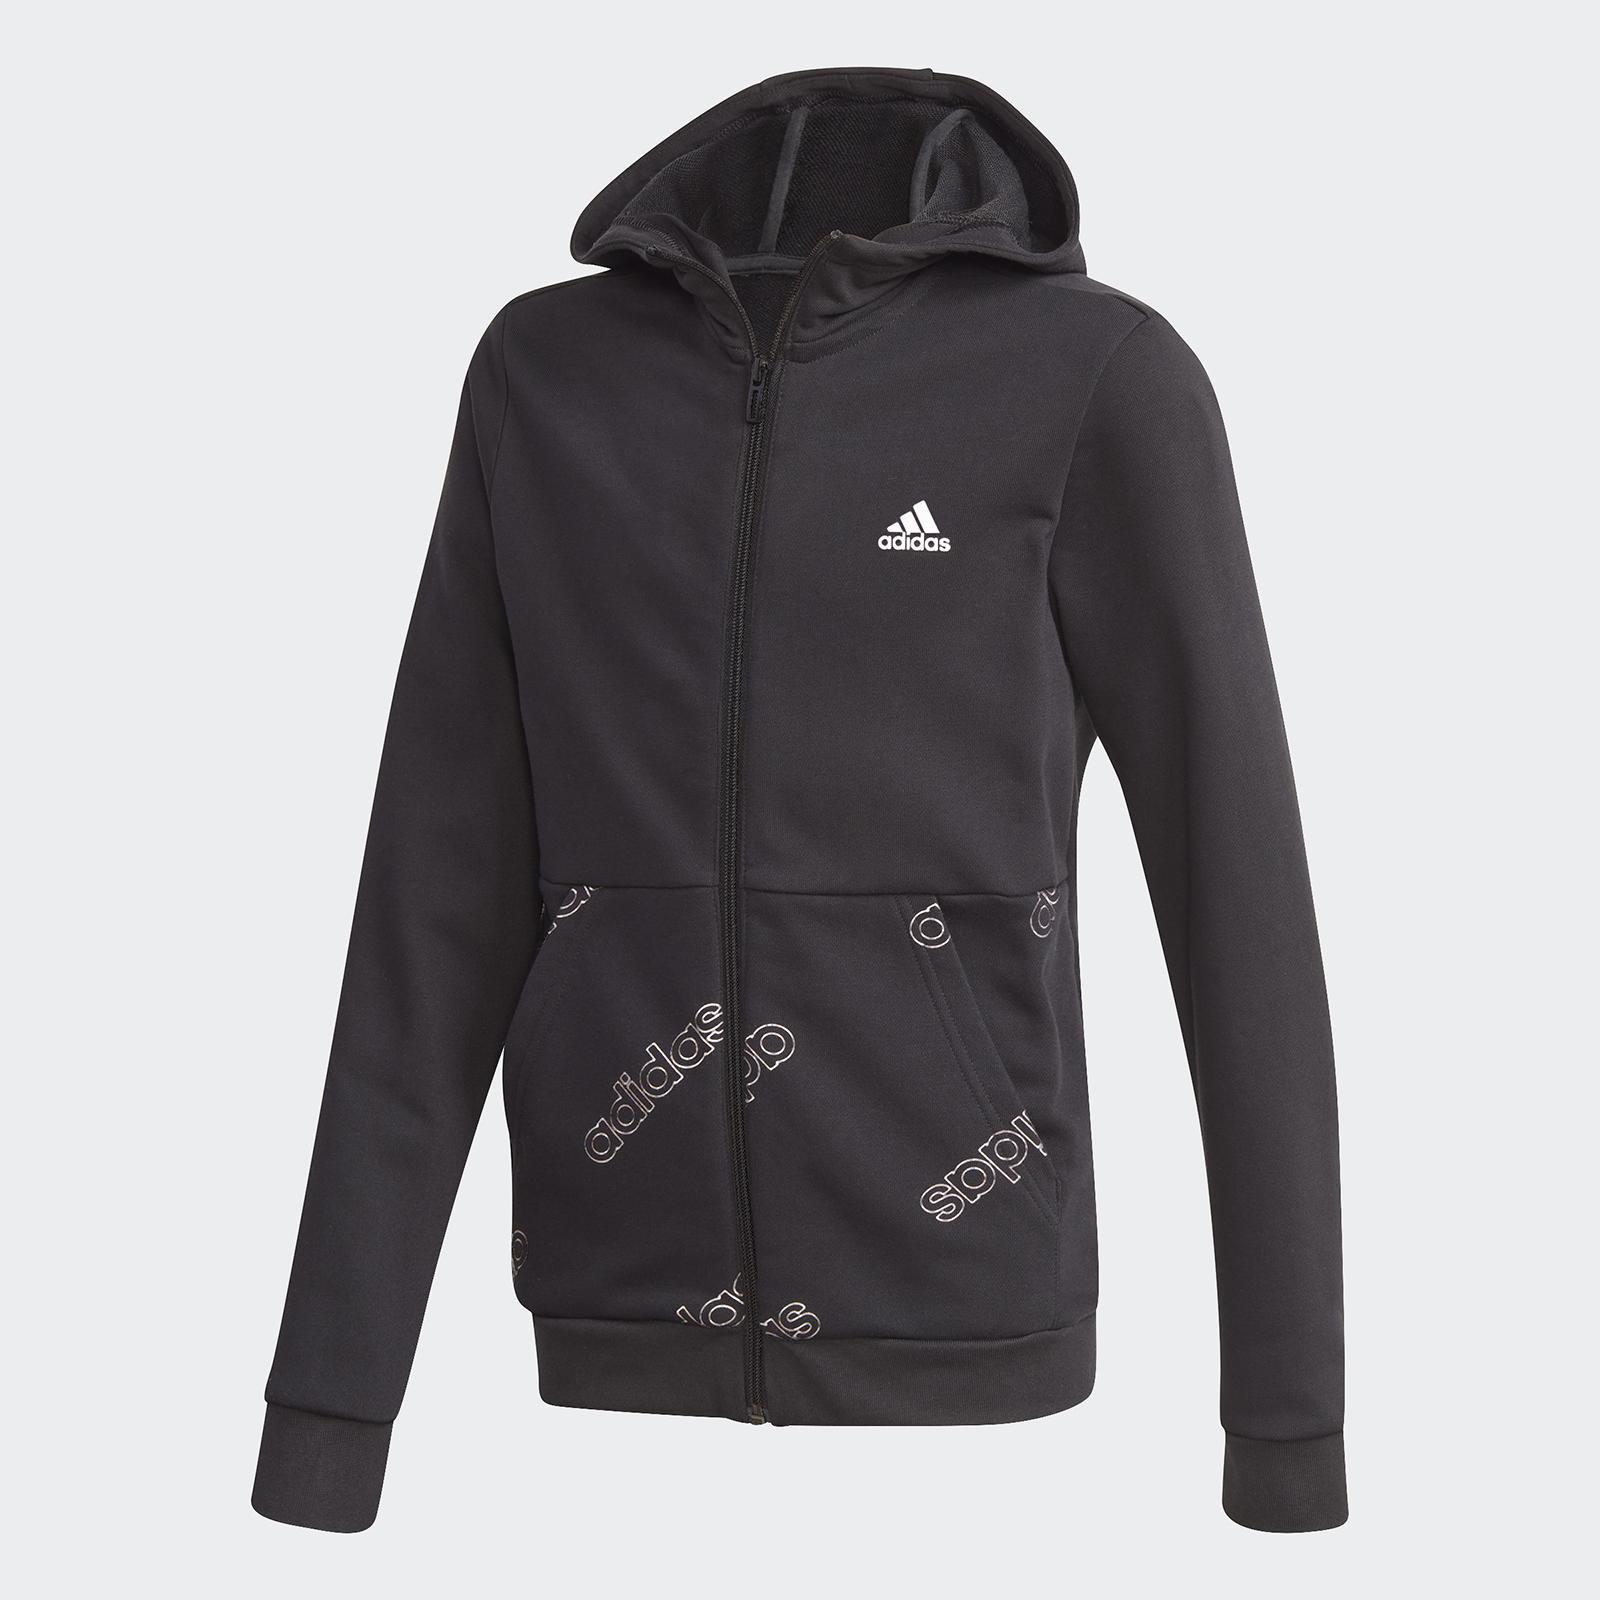 Толстовка Adidas Yb Fav Aop Full Zip GD6107 черный р.140